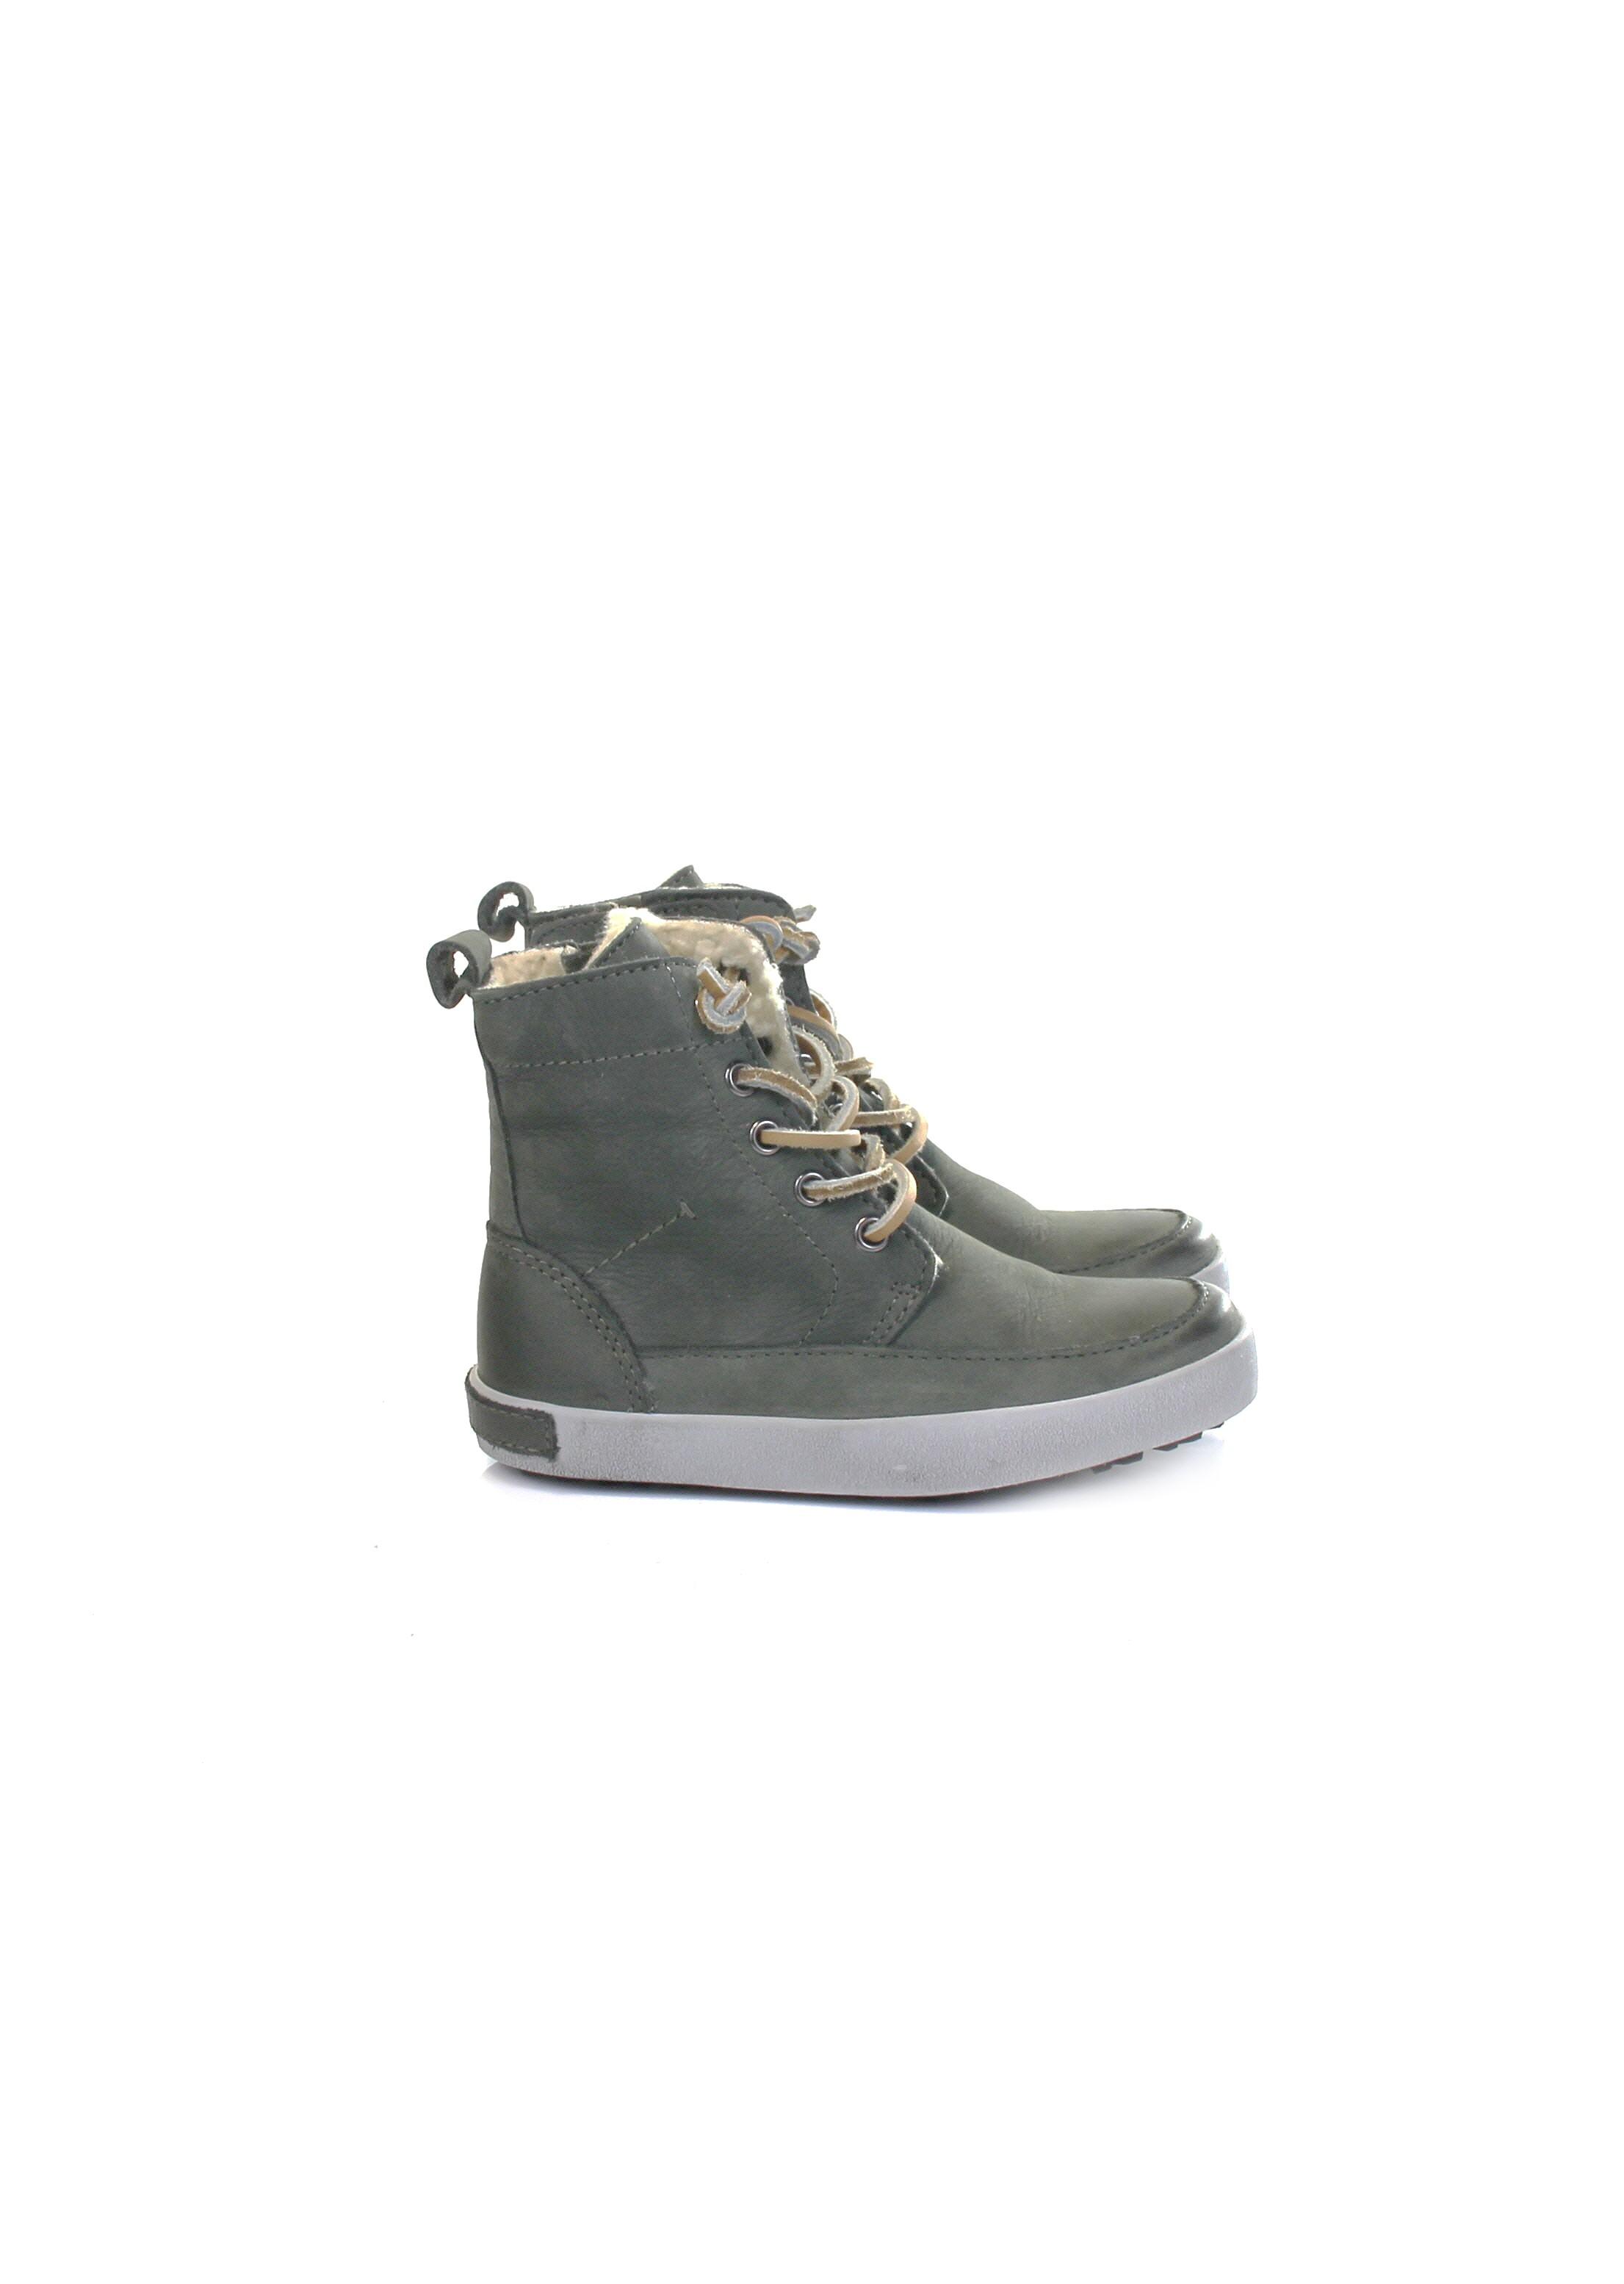 Afbeelding van Blackstone Boots groen